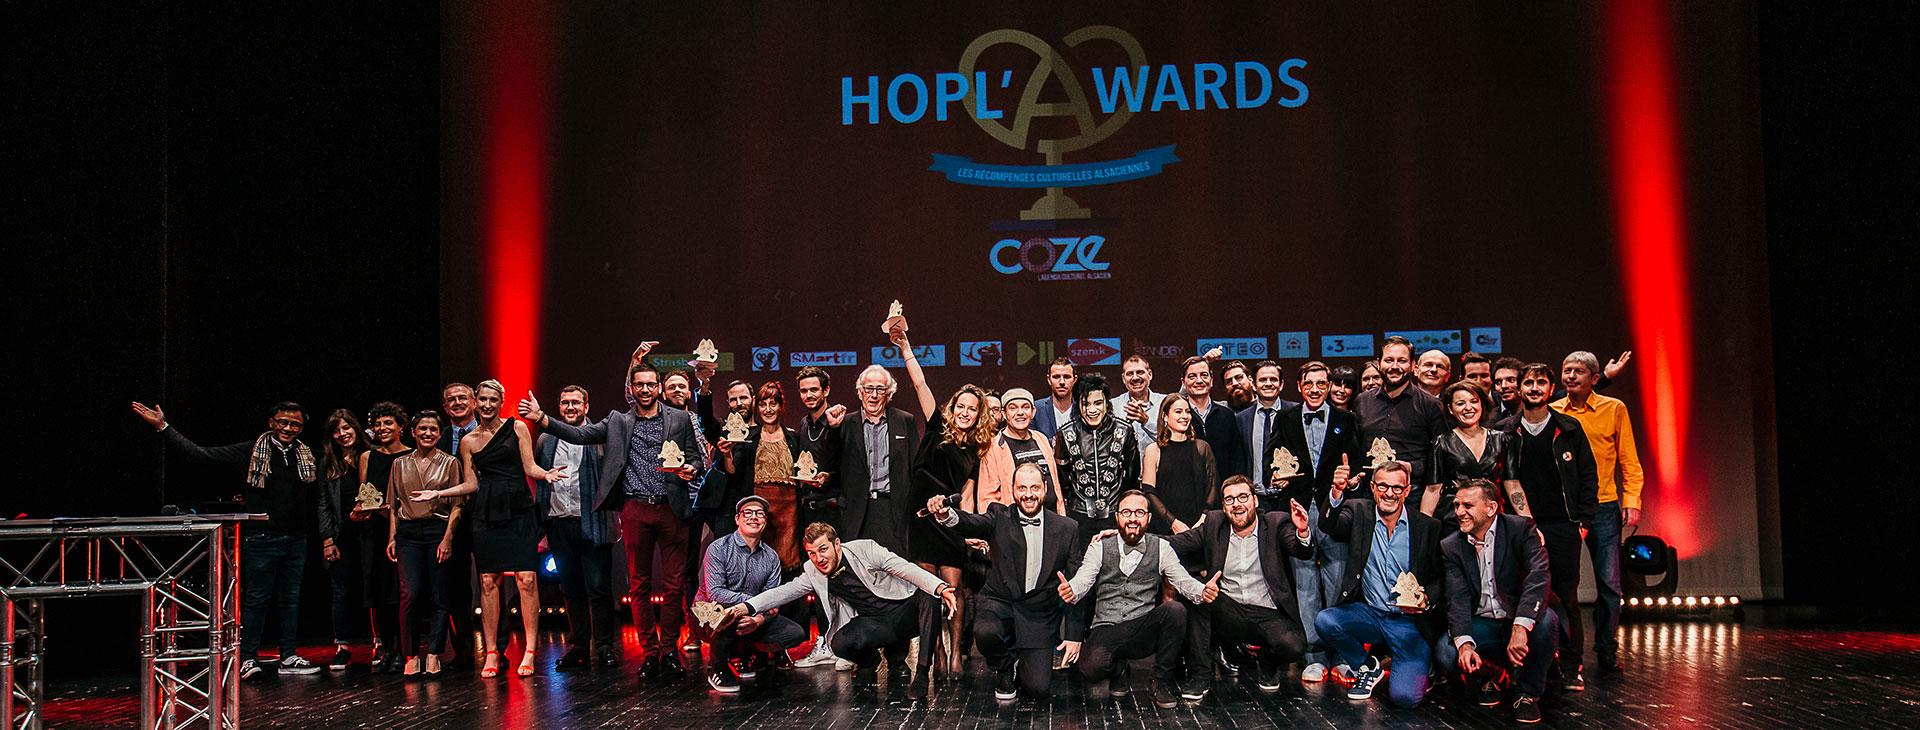 Palmarès des Hopl'Awards 2019